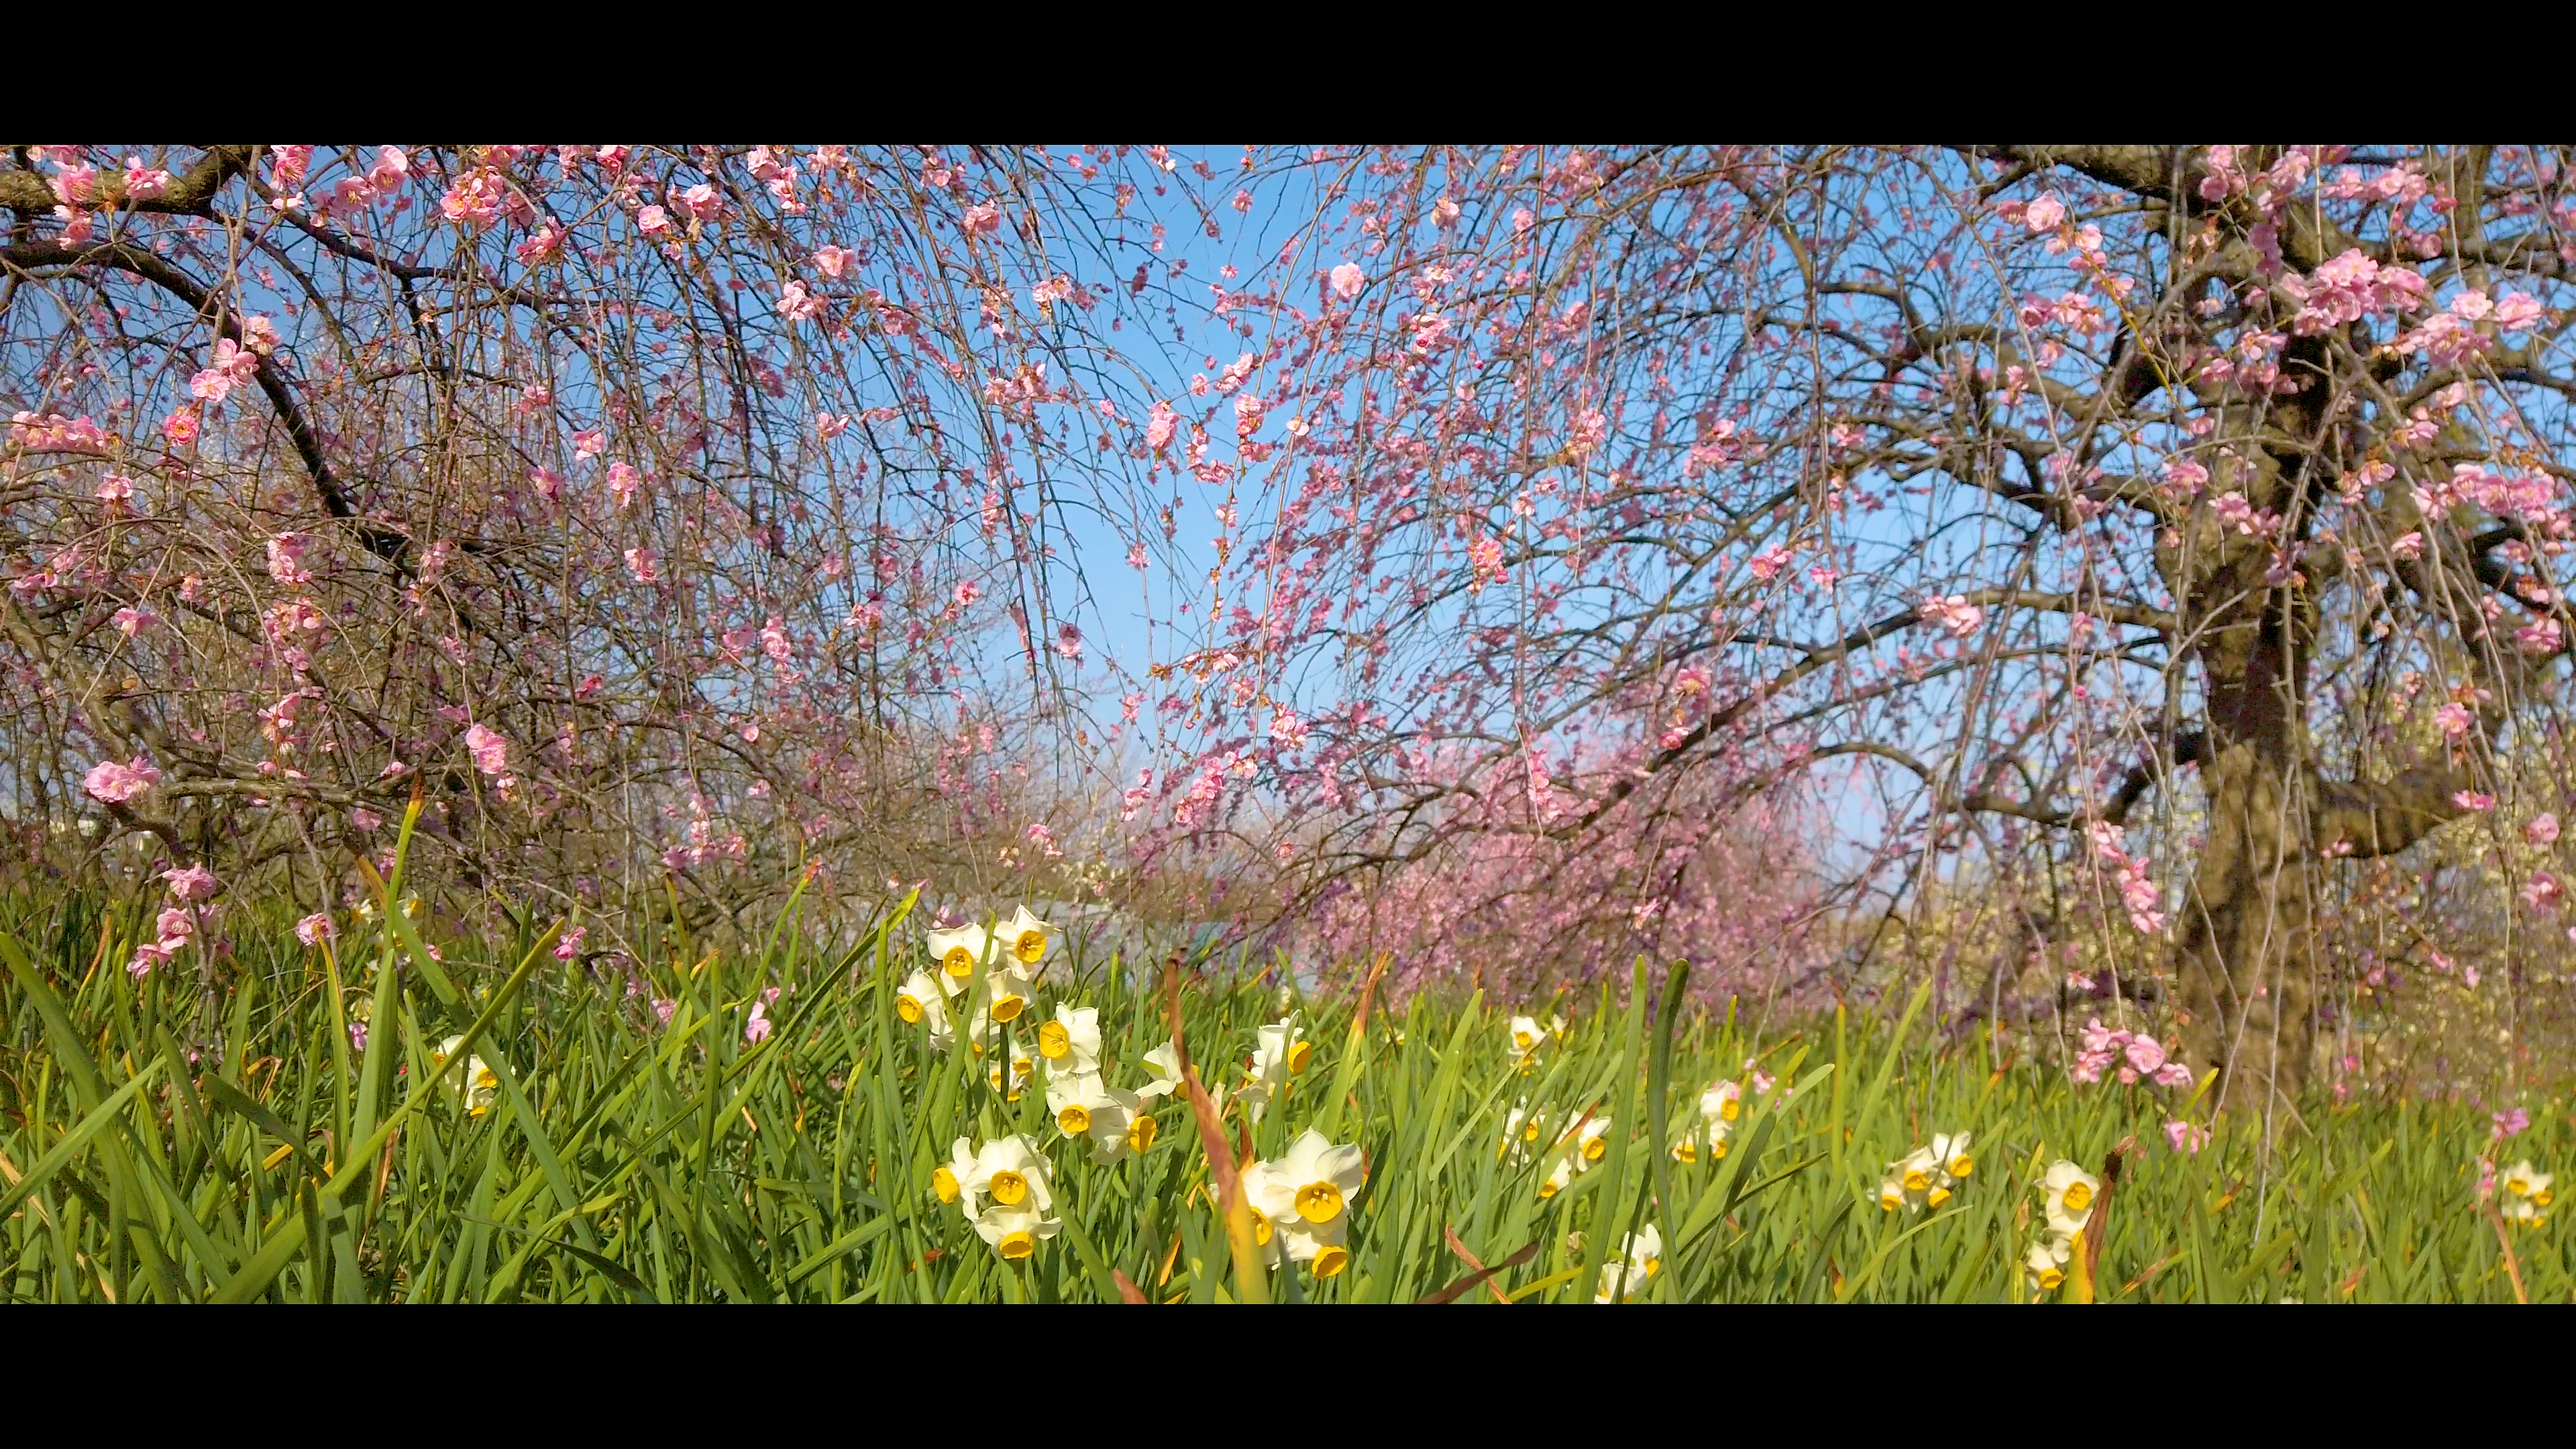 b3d16c24fd5df1fc2e071e1bb363c49b 大阪府 和泉リサイクル環境公園(梅と水仙、菜の花が撮影できる春におすすめの写真スポット。 撮影した写真の紹介、アクセス情報や交通手段・駐車場情報などまとめ)